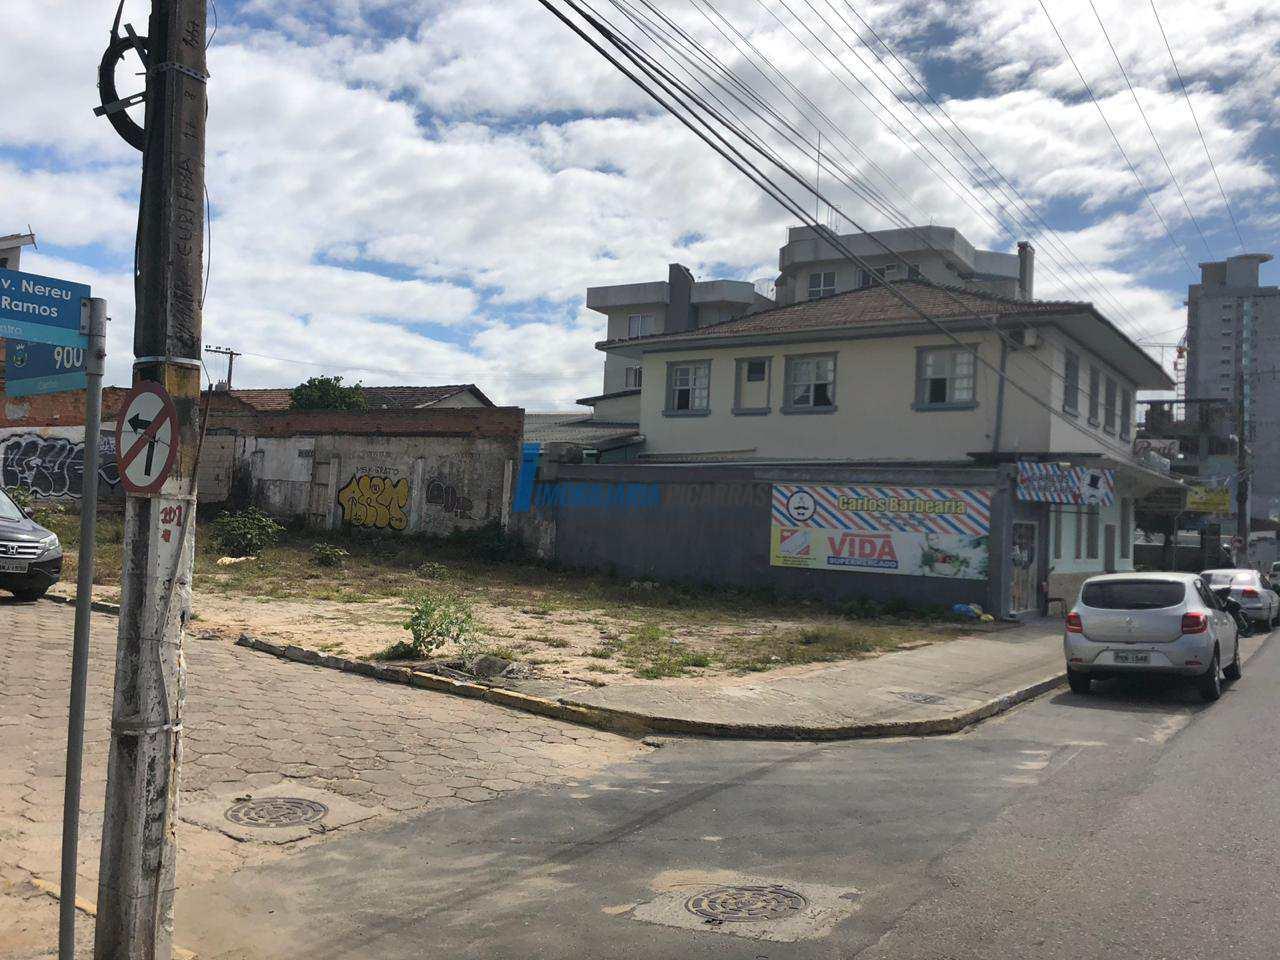 Terreno, Centro, Balneário Piçarras, 415m² - Codigo: 7